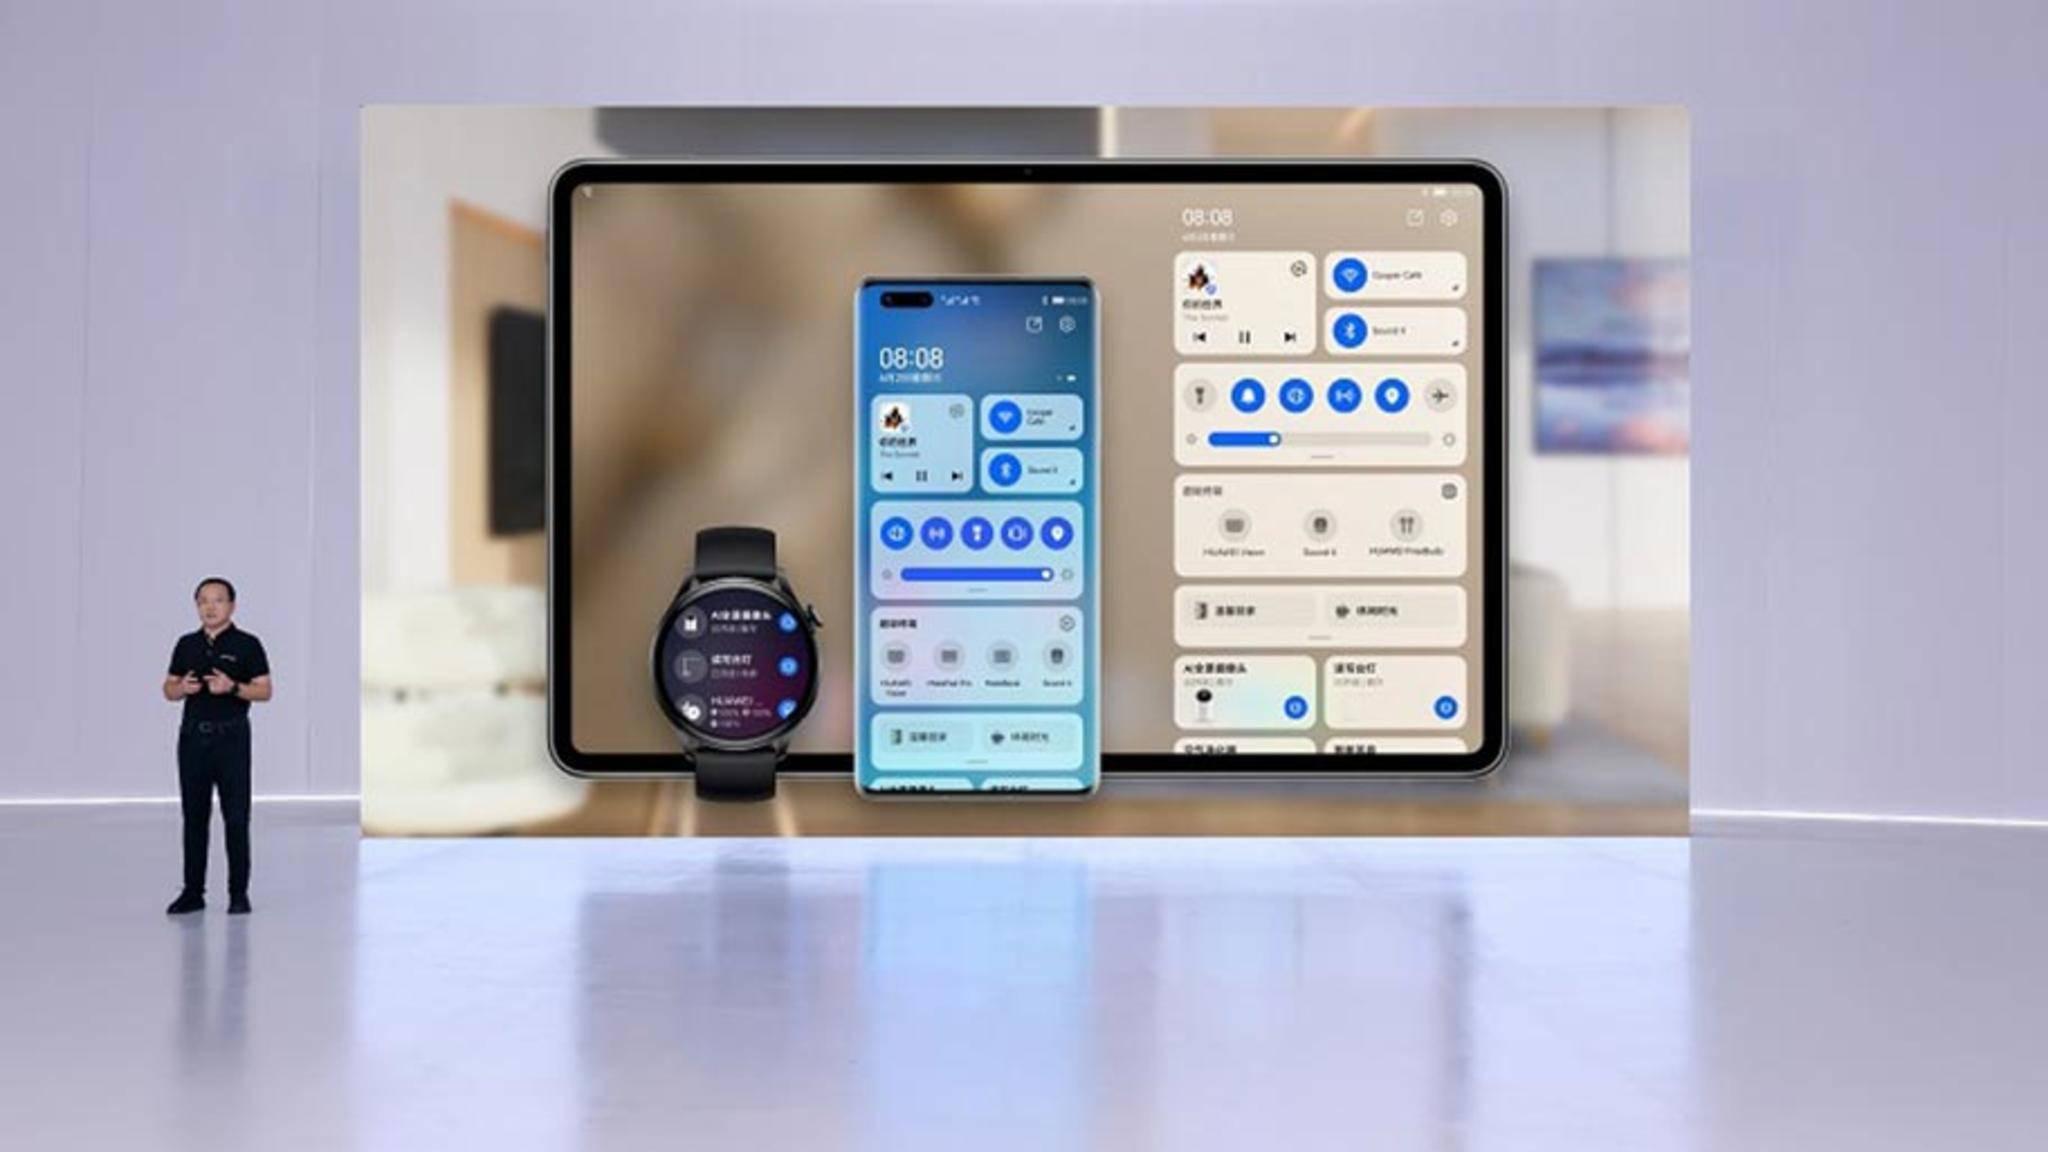 Für sein neues Betriebssystem setzt Huawei vor allem auf das Zusammenspiel mit anderen Geräten und dem Smartphone als Herzstück.